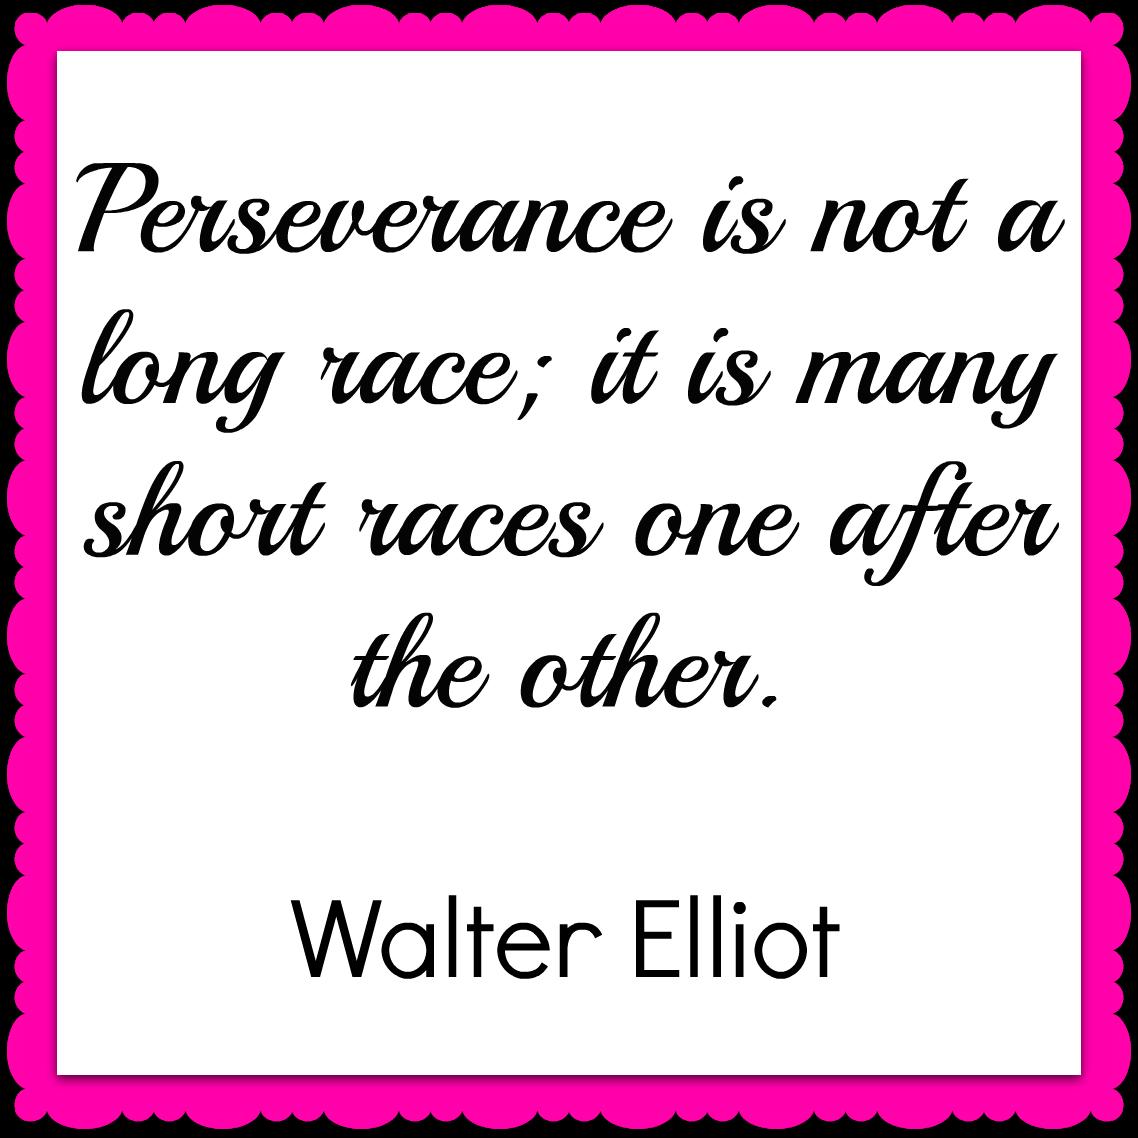 Walter Elliot's quote #1